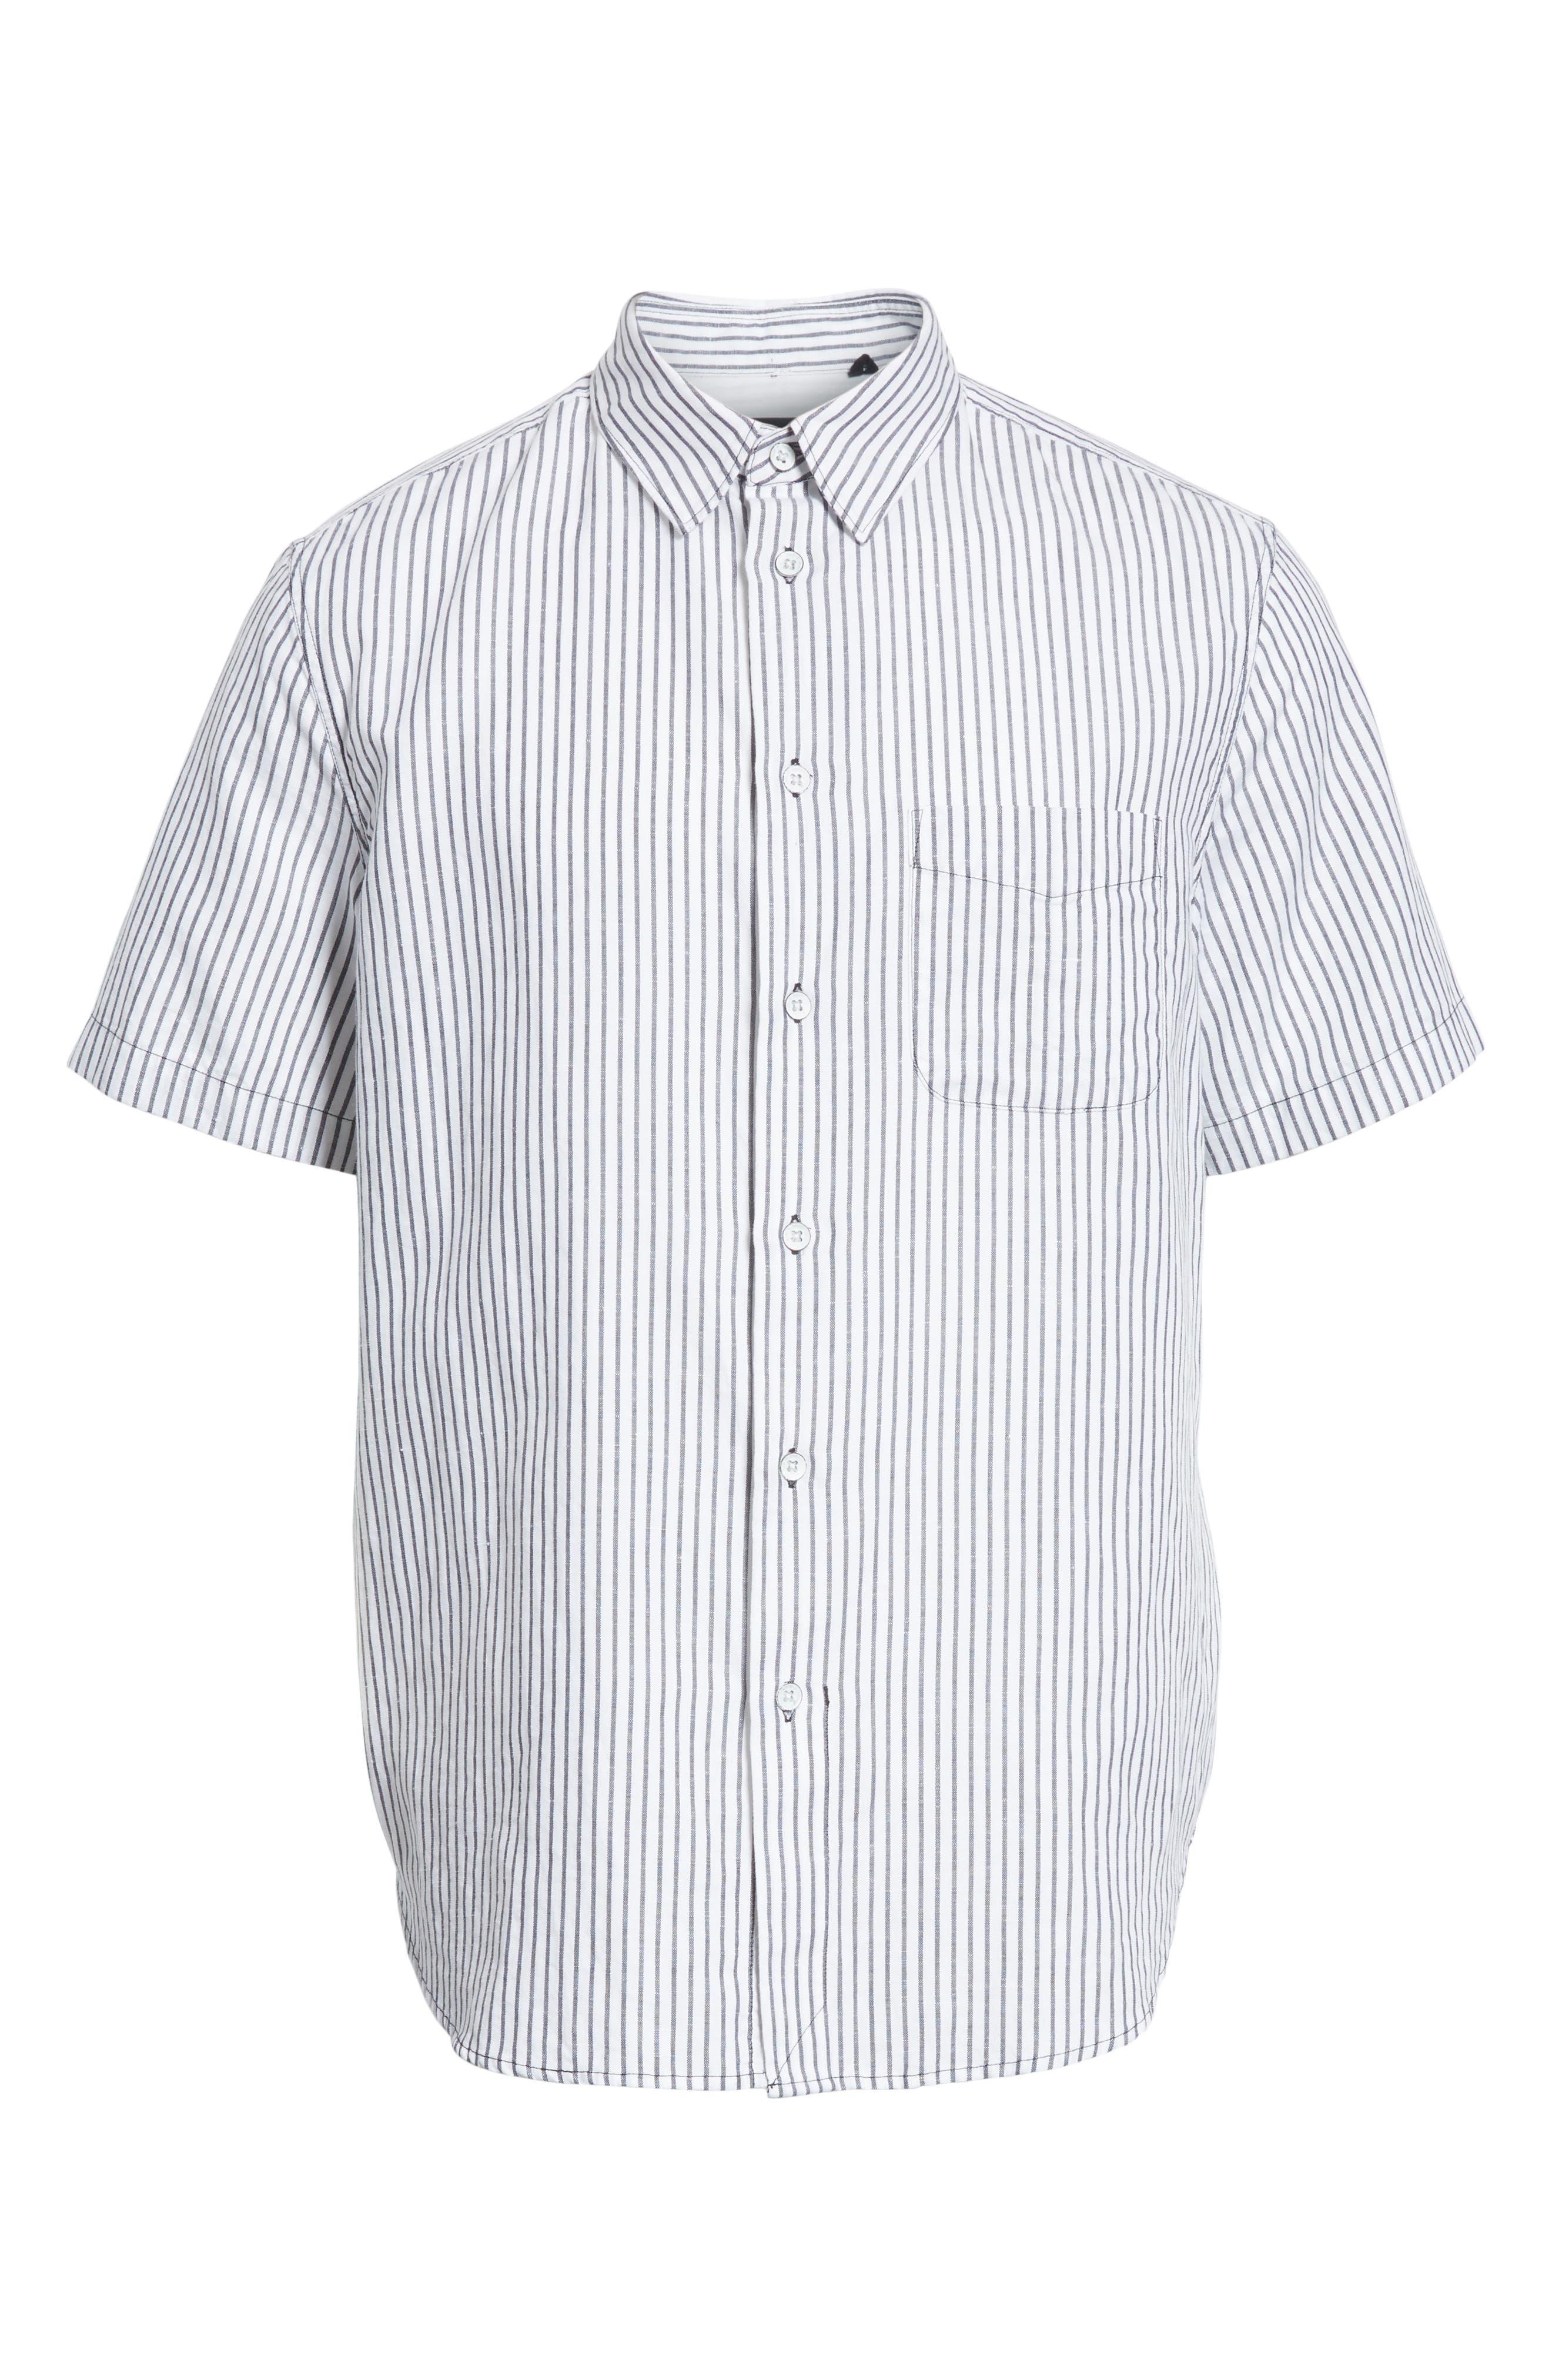 Stripe Short Sleeve Sport Shirt,                             Alternate thumbnail 6, color,                             195